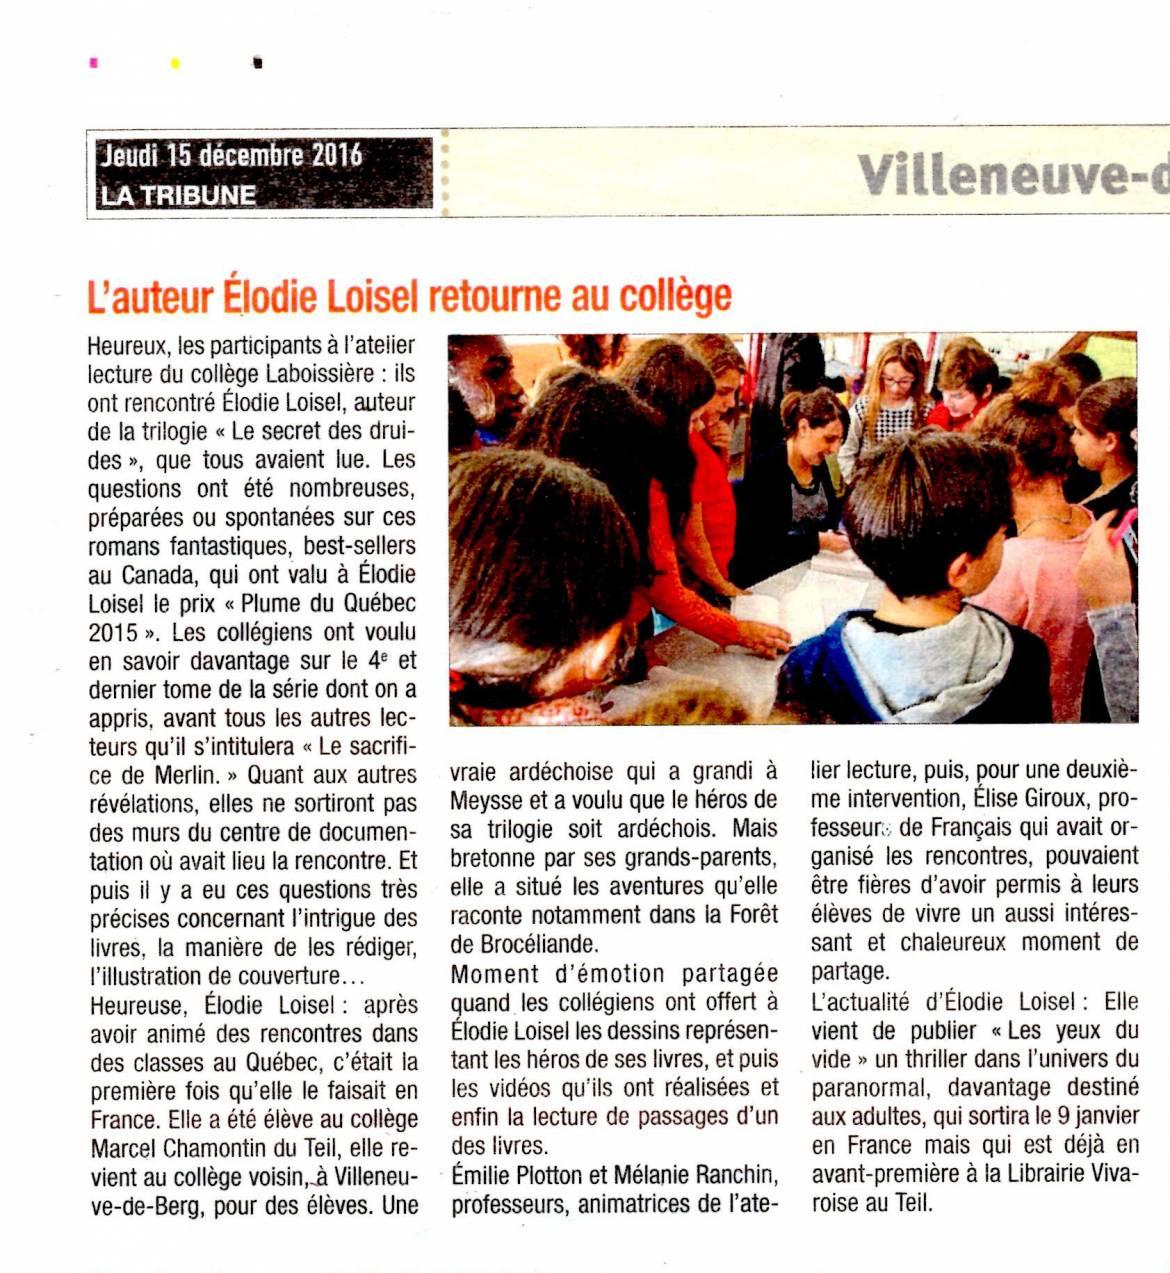 Collège-Laboissière-Elodie-Loisel-Auteur.jpg